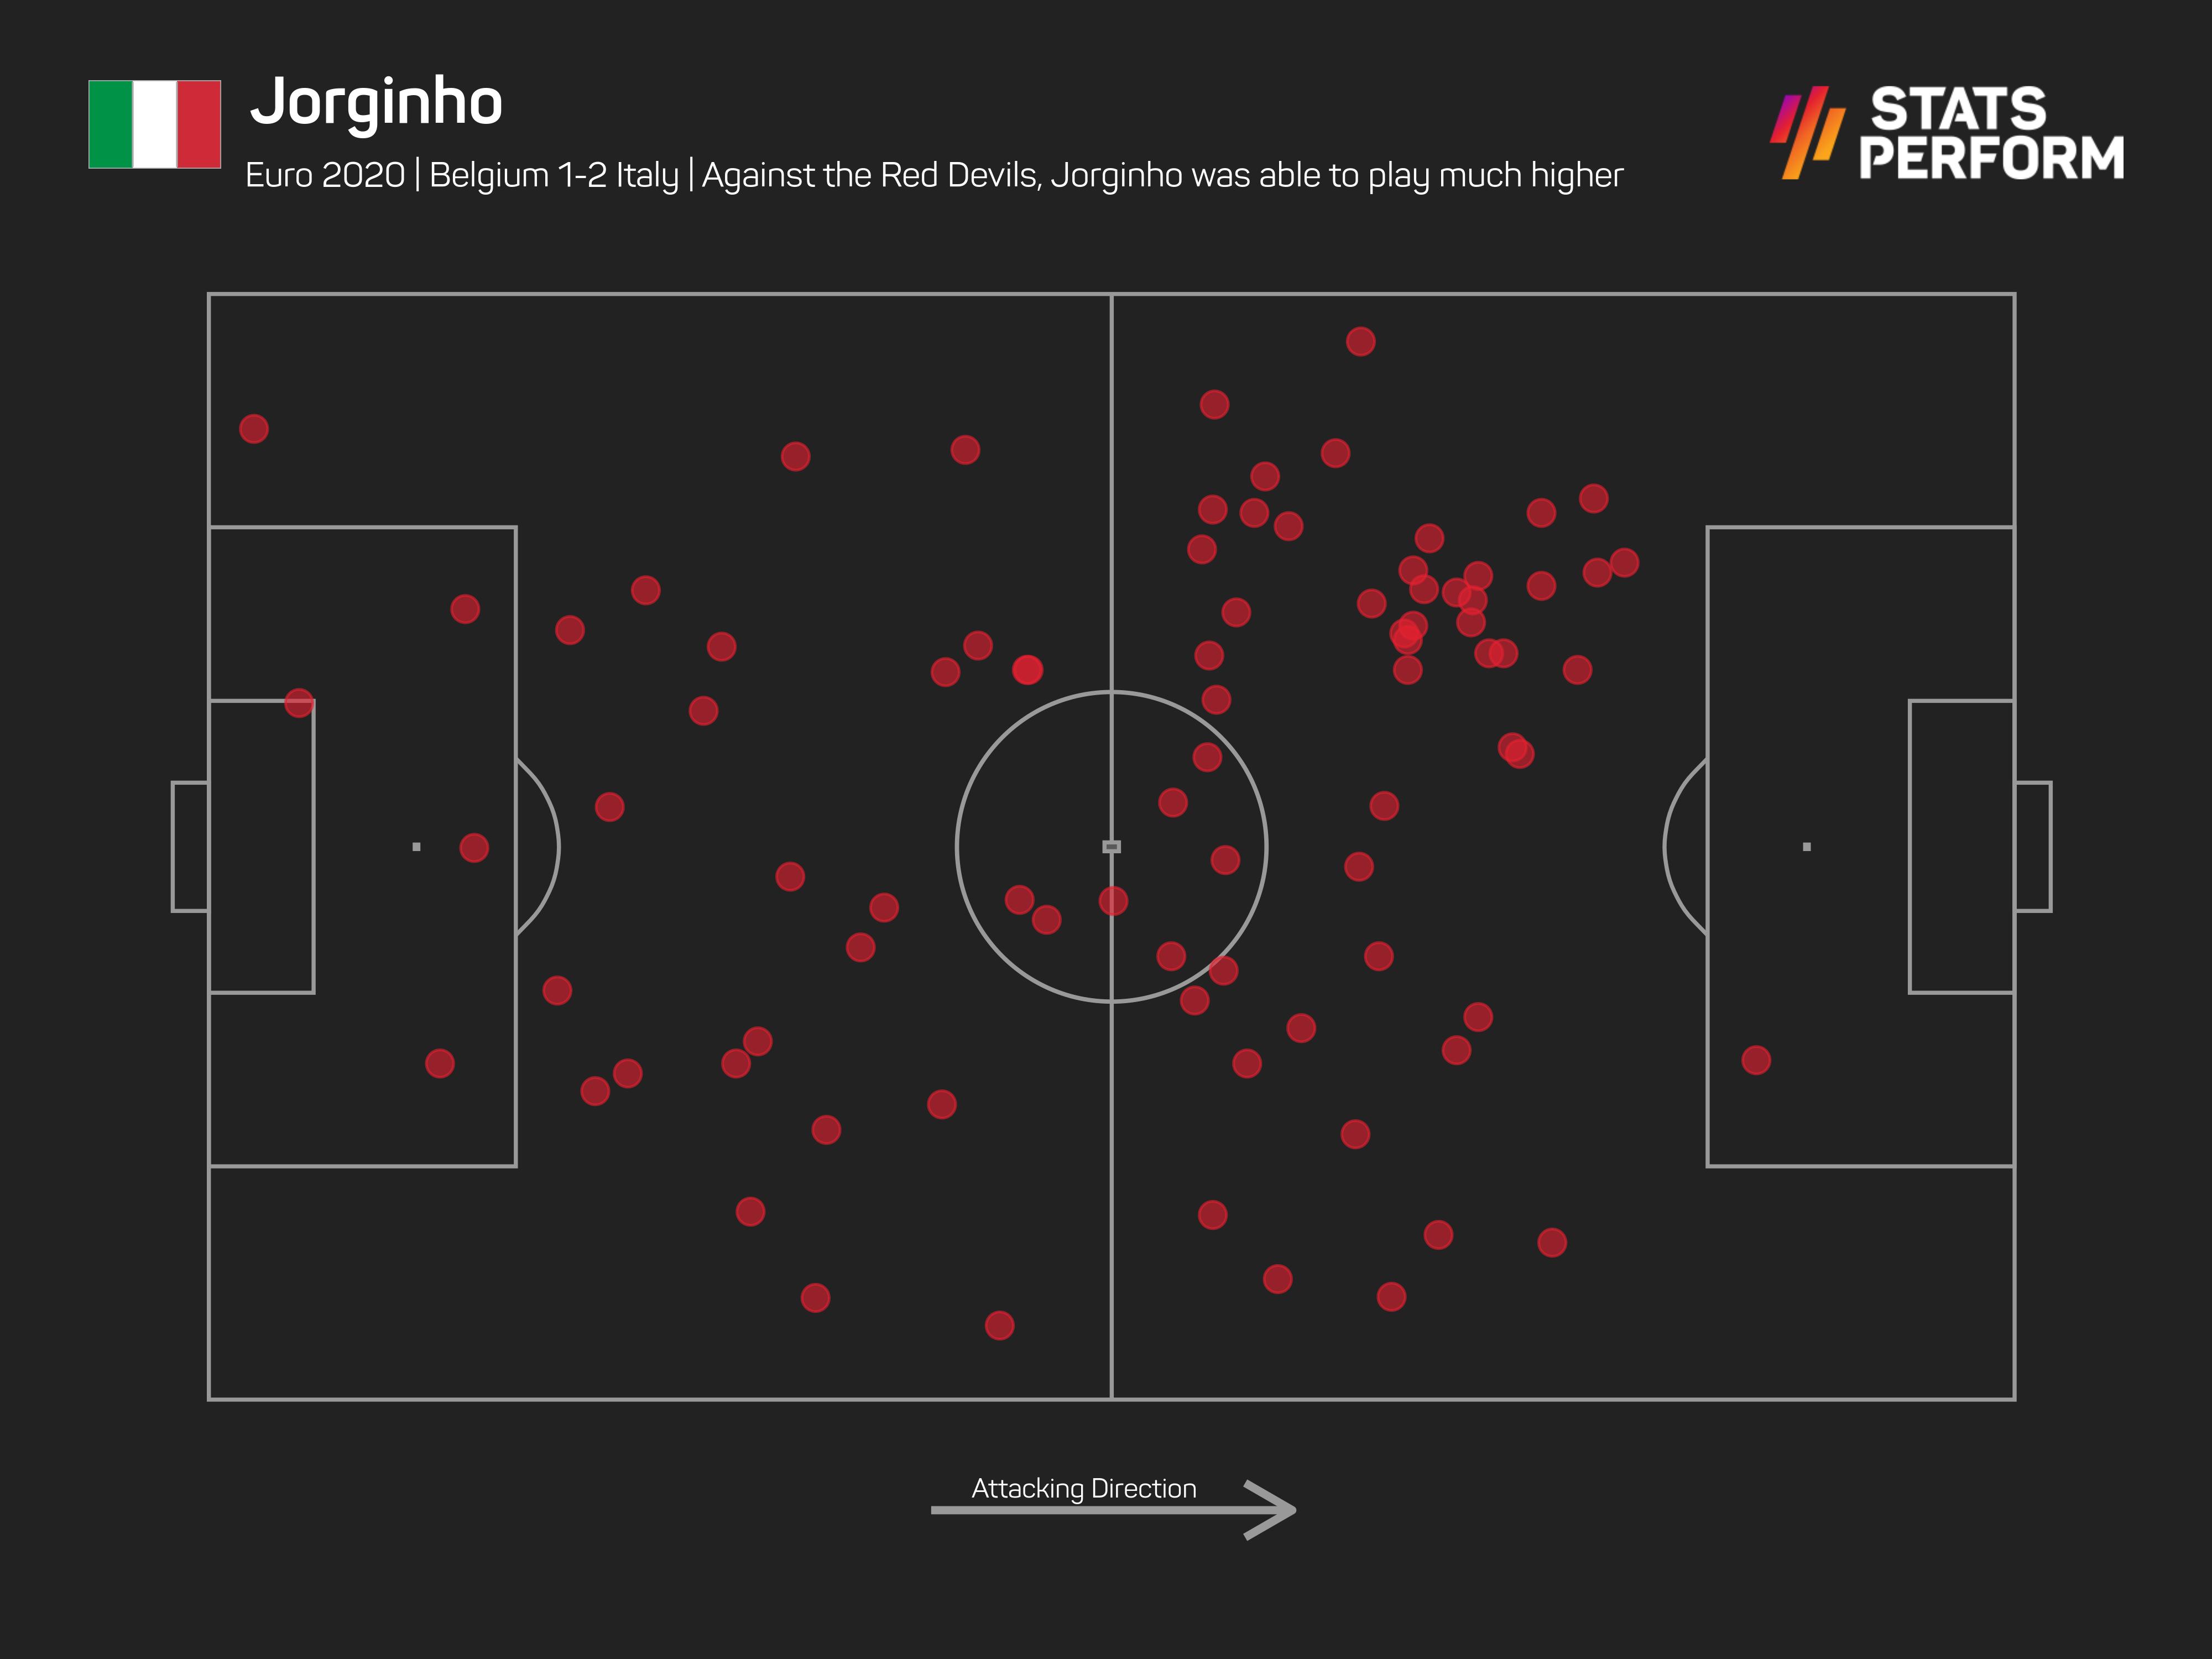 Jorginho enjoyed more freedom against Belgium